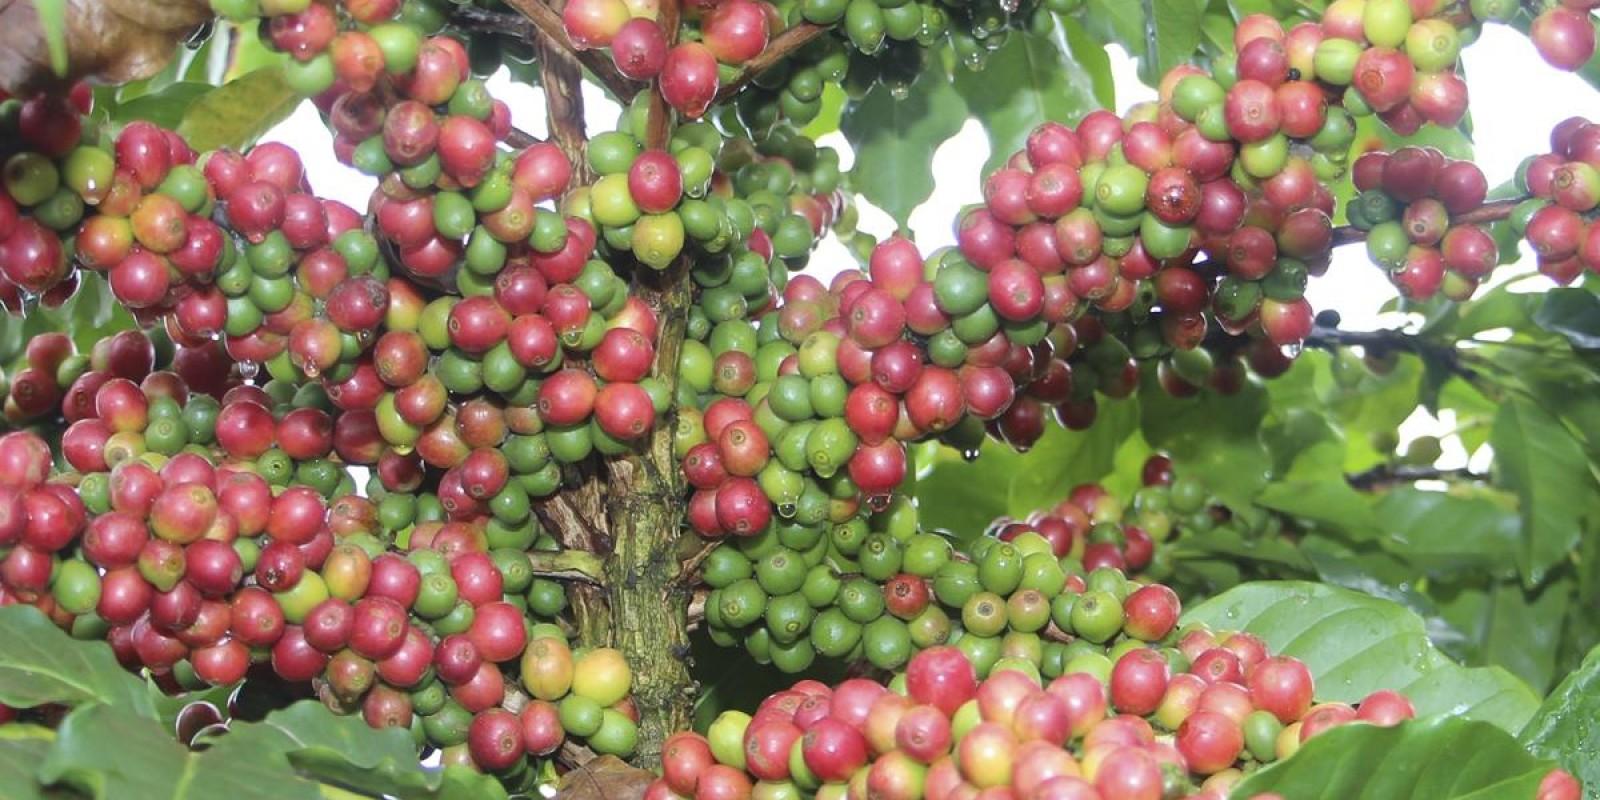 Pesquisa e setor produtivo buscam mais qualidade ao café produzido no Cerrado Mineiro